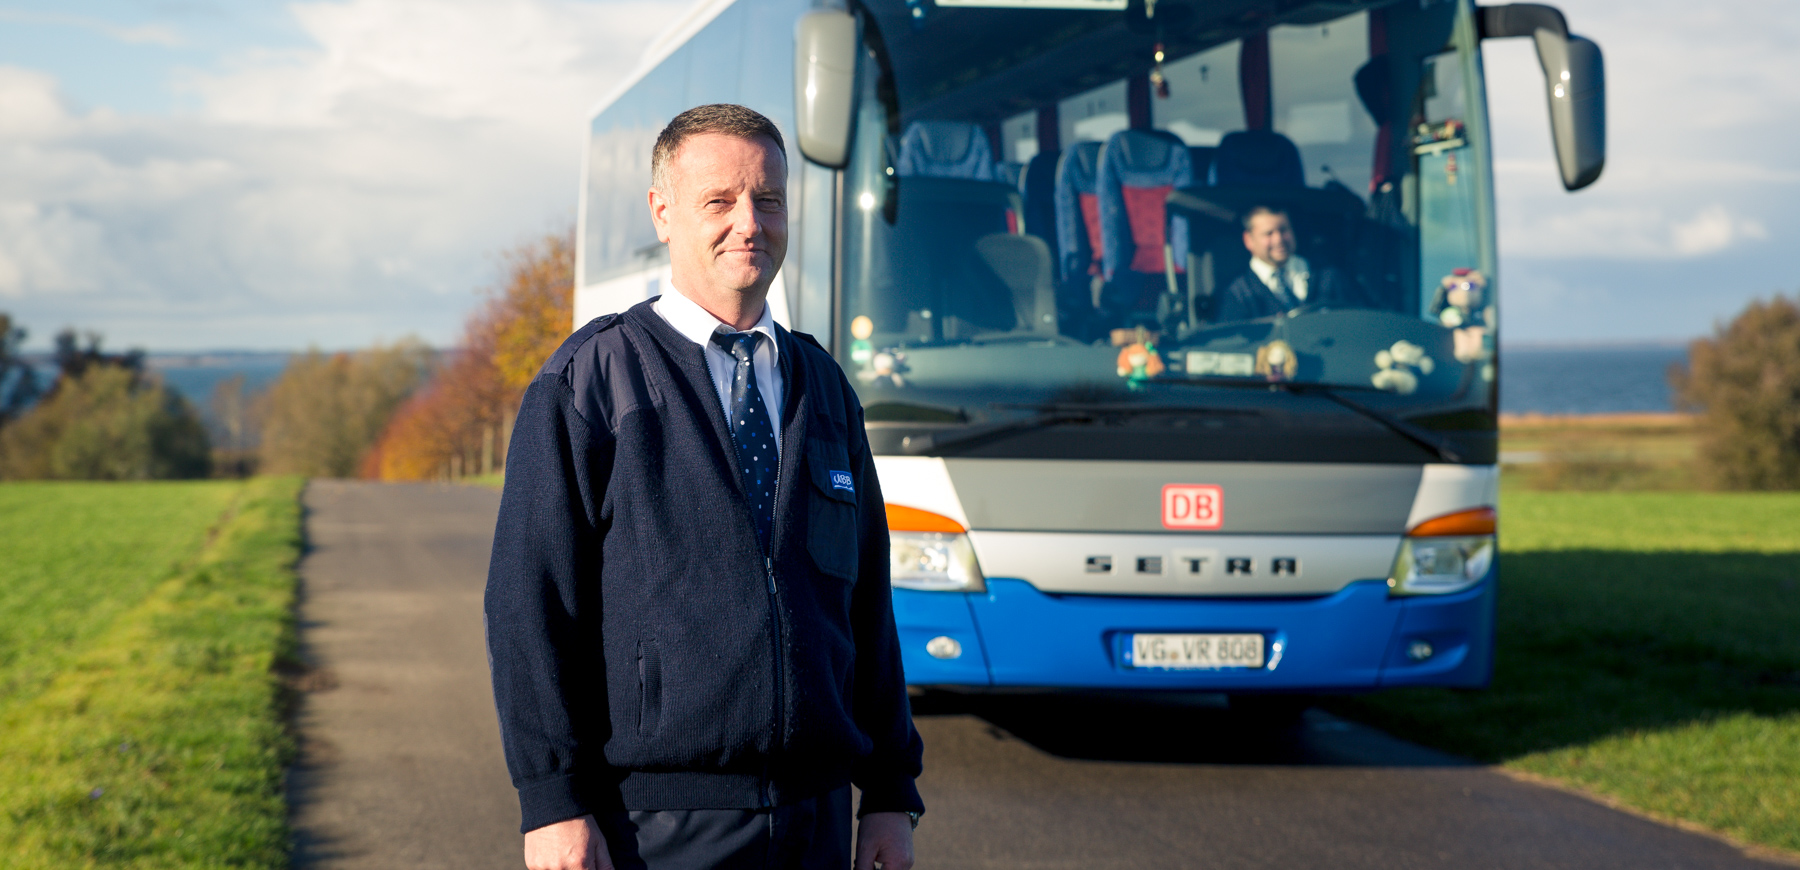 Fahrer steht vor UBB Bus